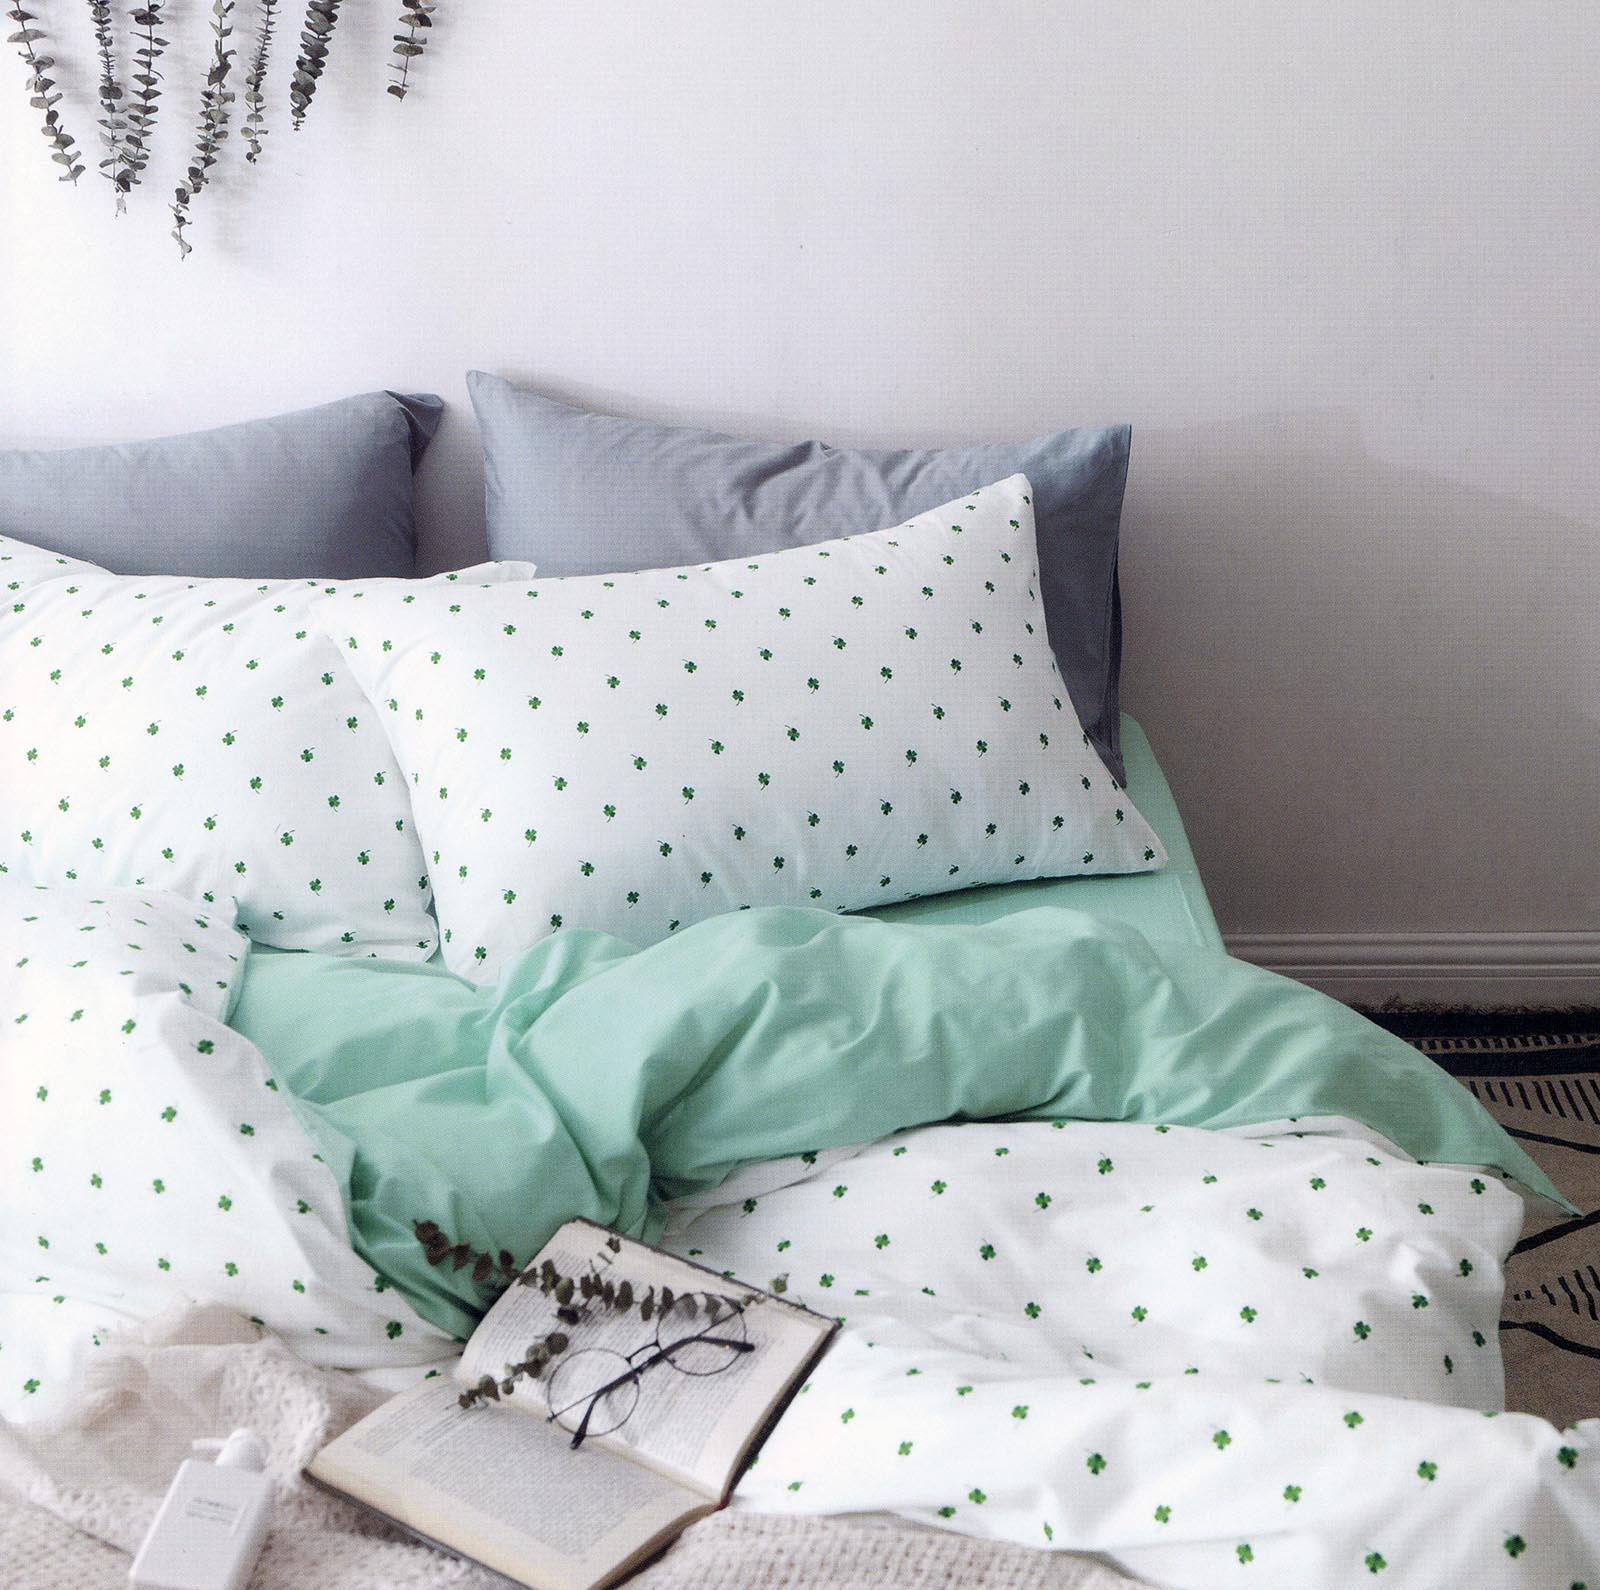 Комплект постельного белья Sofi de Marko Модерн №20, Евро-5140, белый